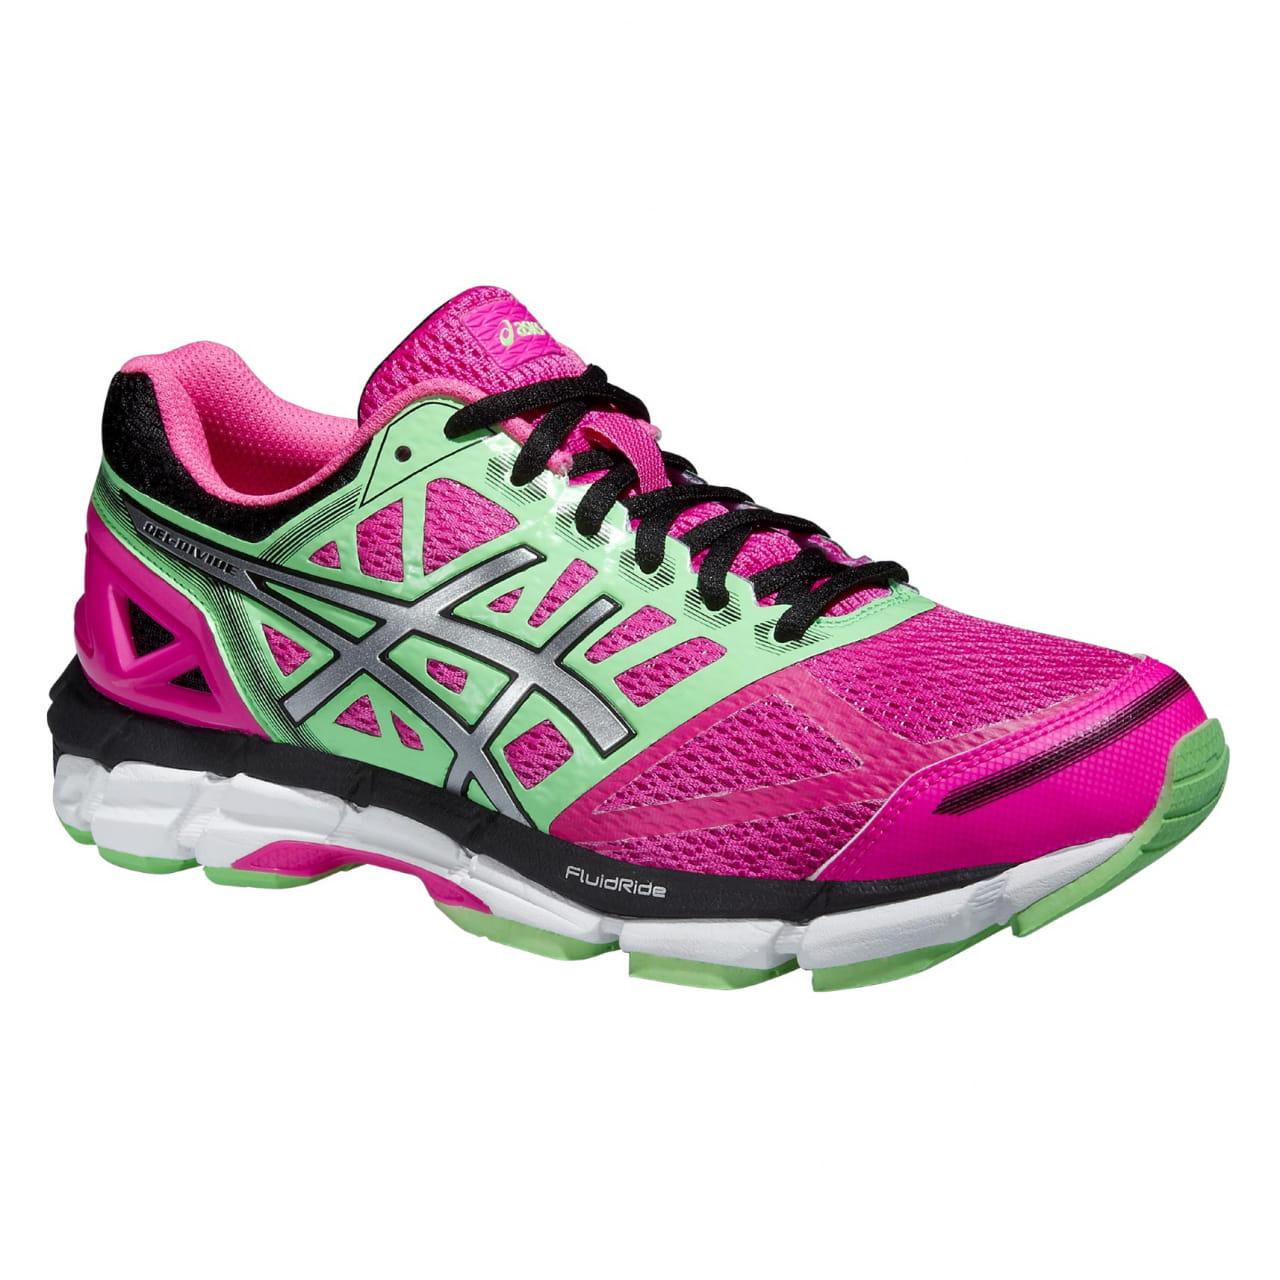 Dámské běžecké boty Asics Gel Divide 2